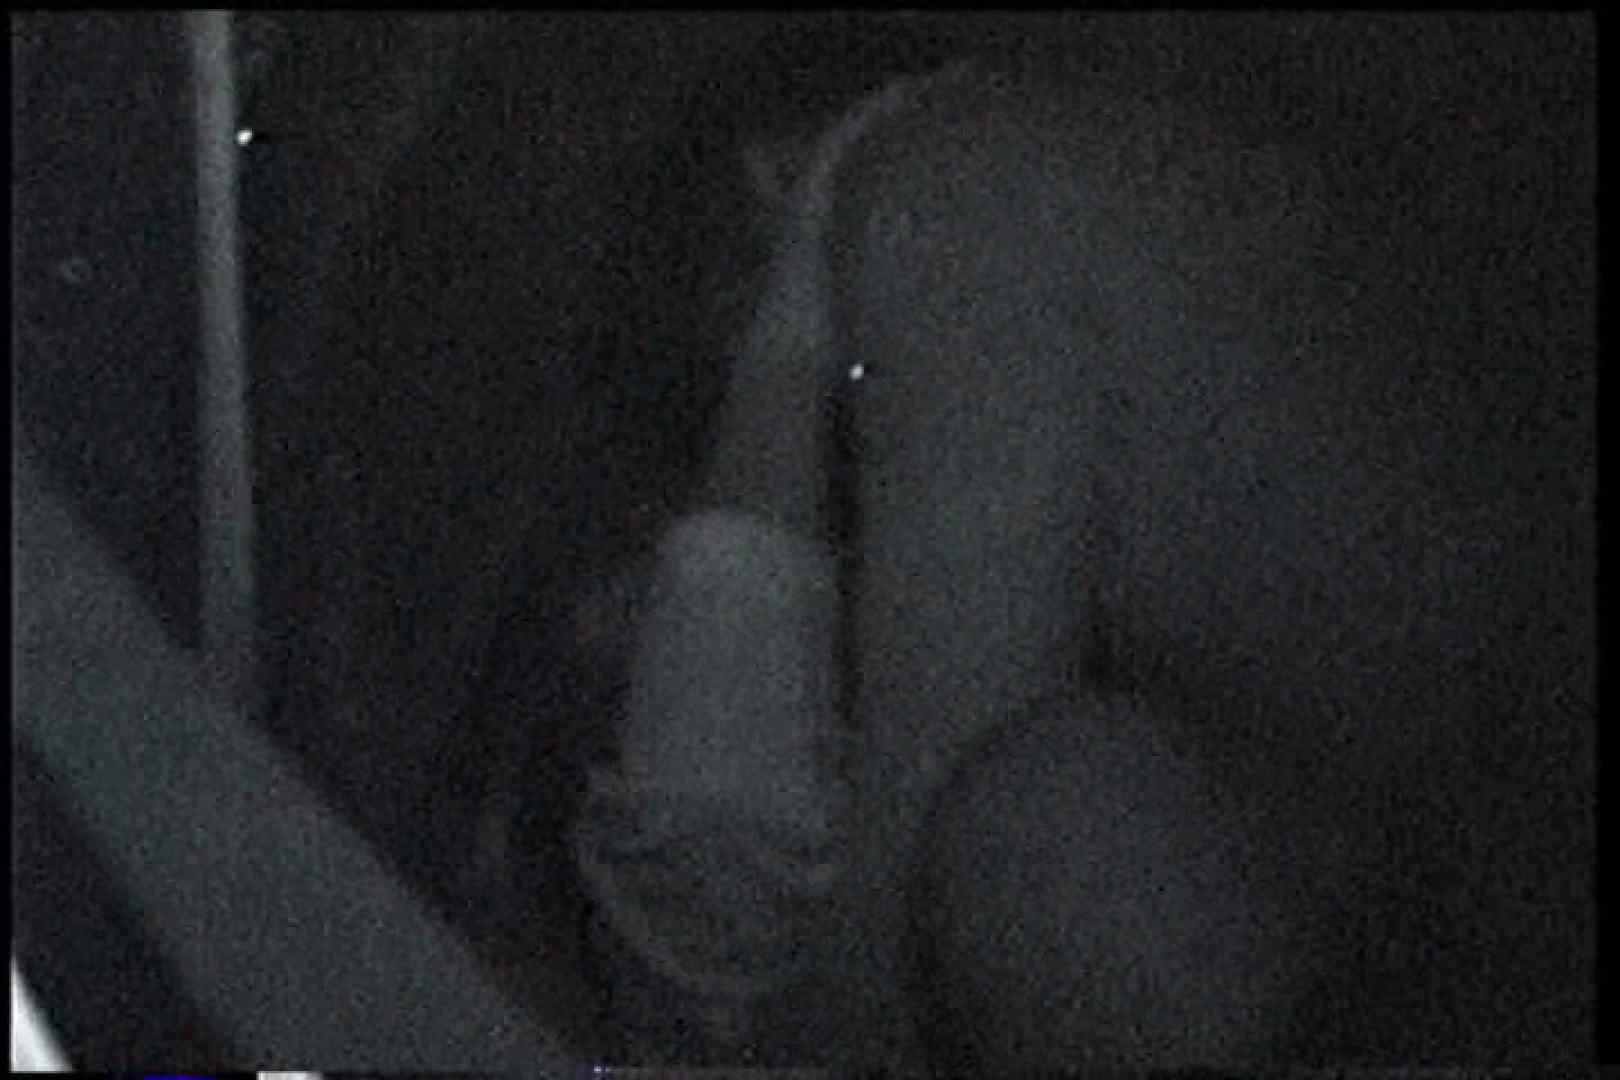 充血監督の深夜の運動会Vol.217 カップル盗撮 | エロティックなOL  72画像 49